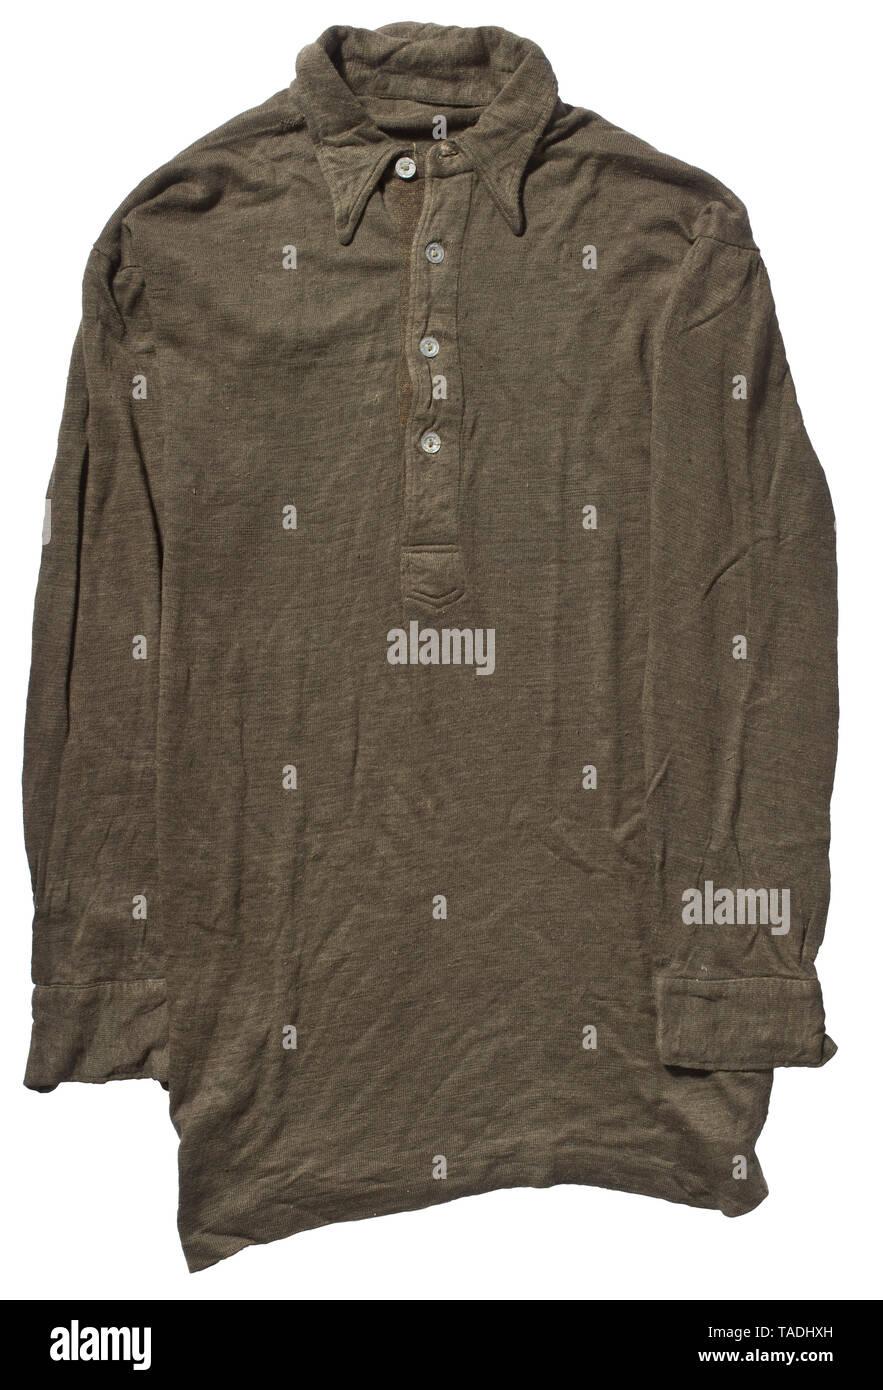 Una maglietta troppo tardi storica, storica del xx secolo, Editorial-Use-solo Immagini Stock